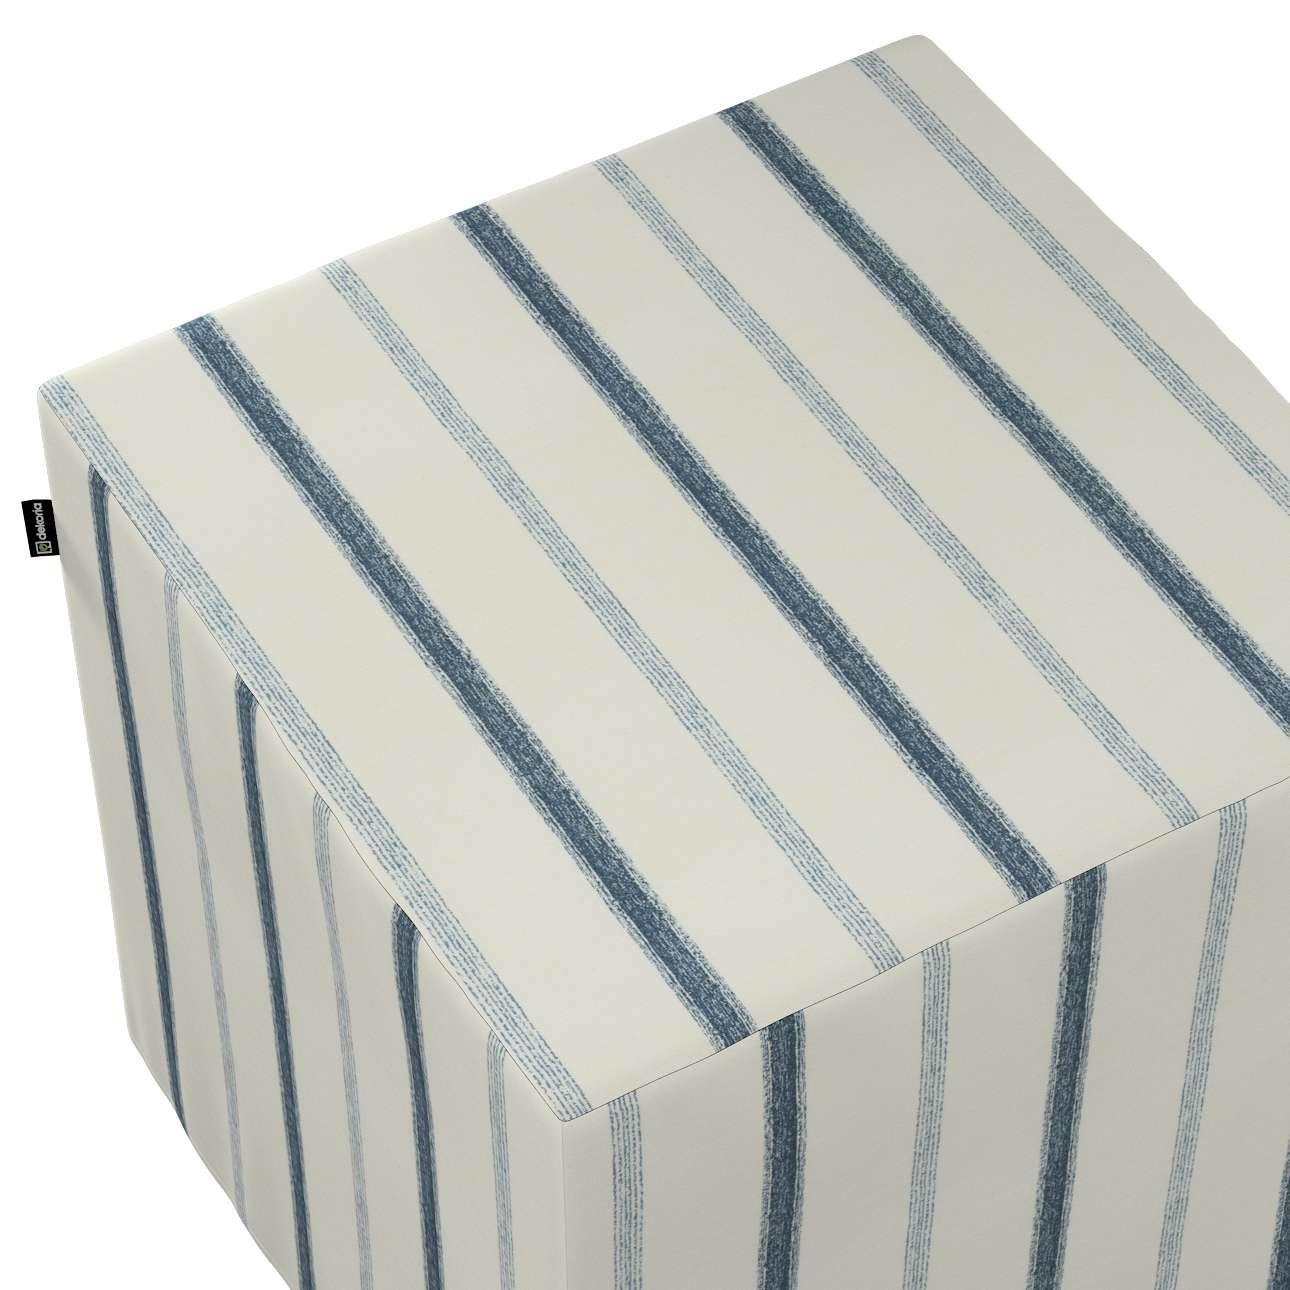 Sedák kostka - pevná 40x40x40 40 x 40 x 40 cm v kolekci Avignon, látka: 129-66